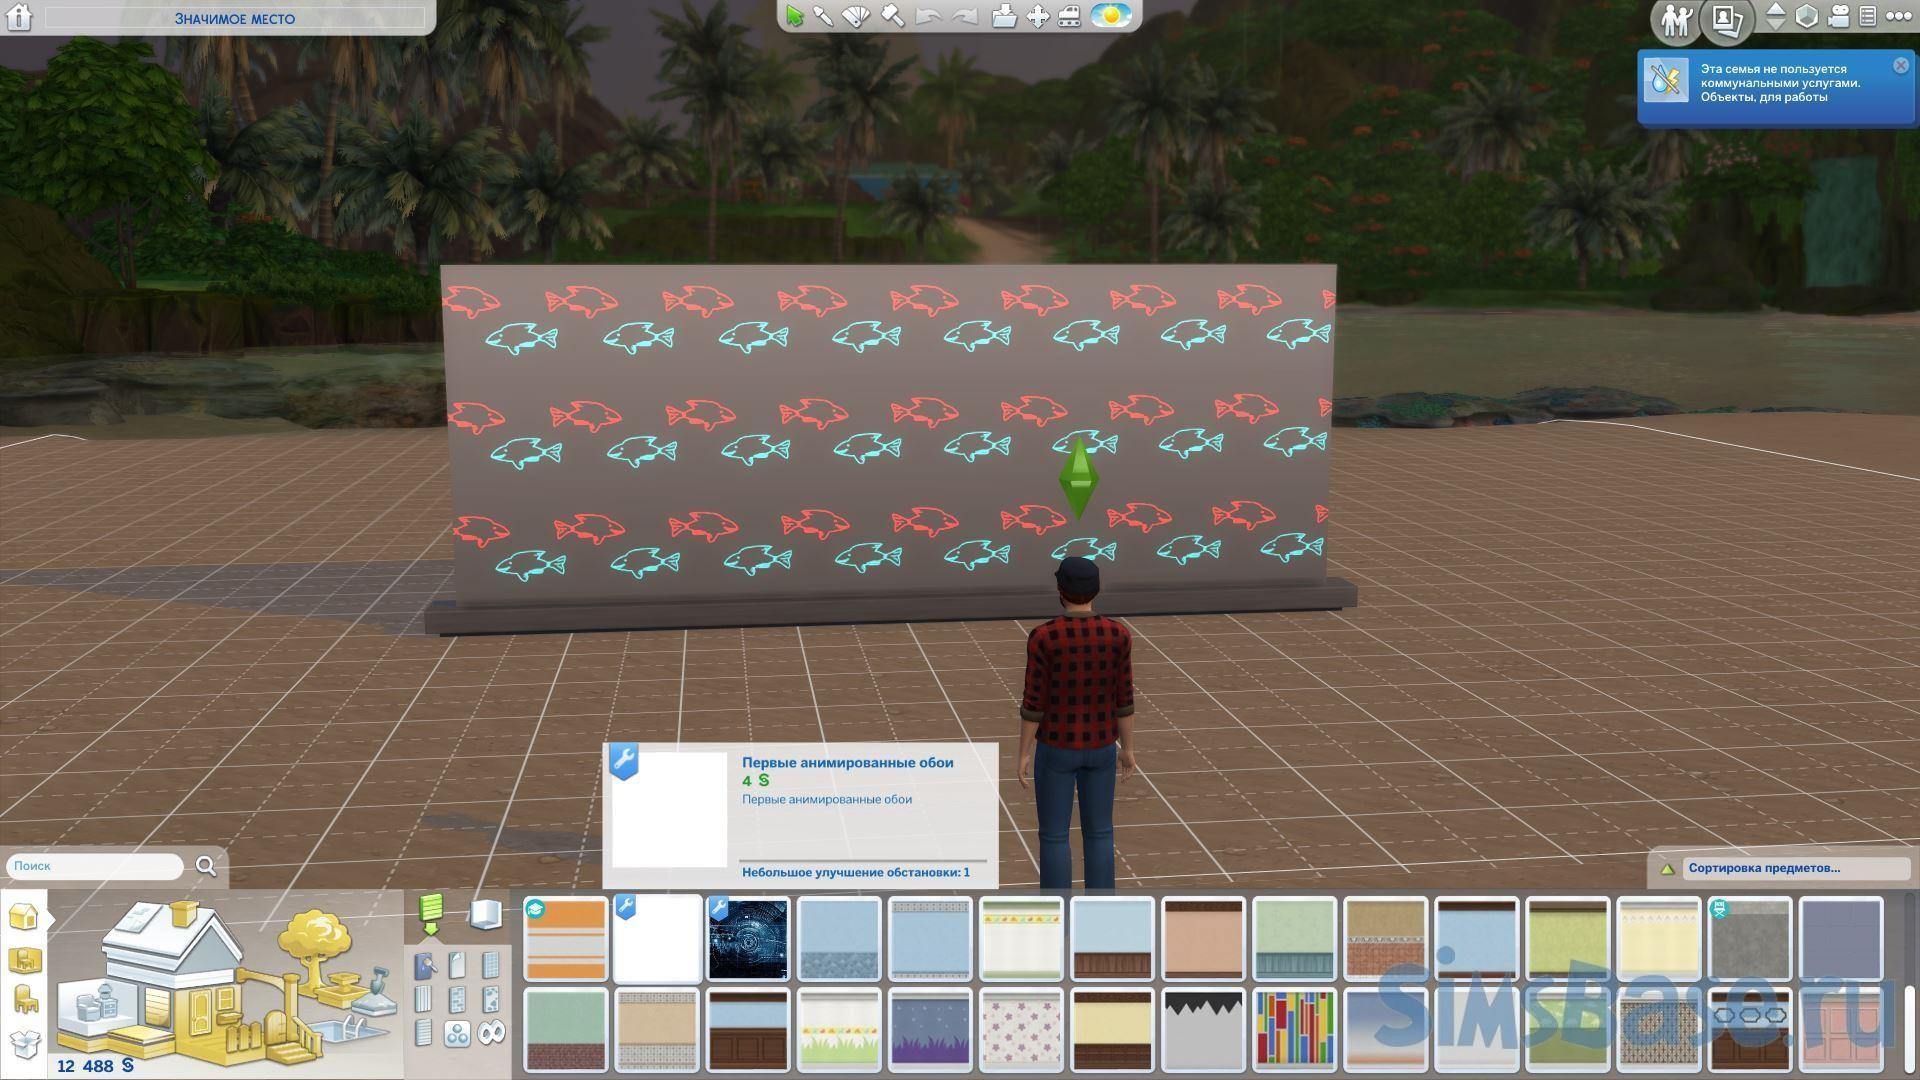 Как создать анимированные обои для Sims 4. Часть 2